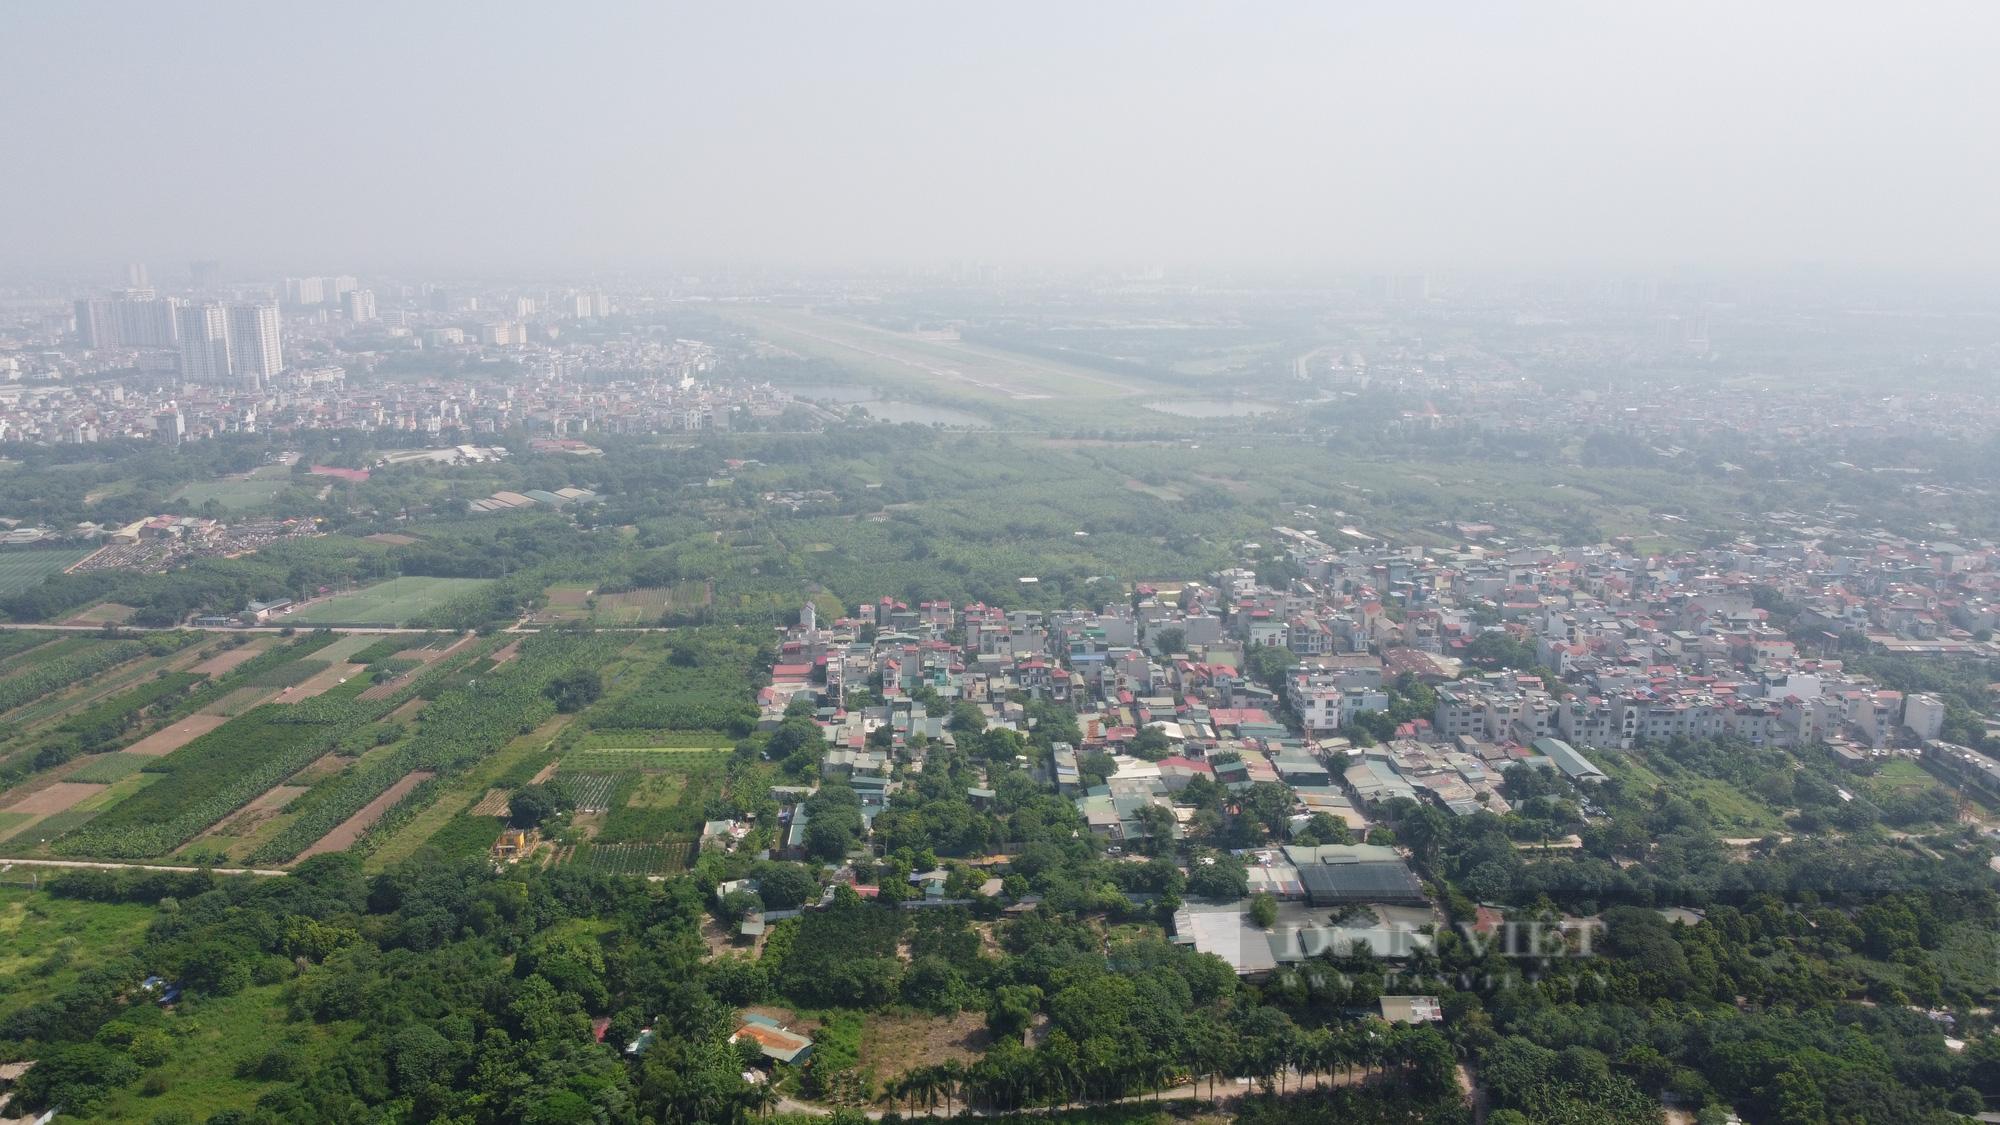 Bất động sản phía Đông Hà Nội hưởng lợi lớn từ quy hoạch đô thị sông Hồng - Ảnh 3.